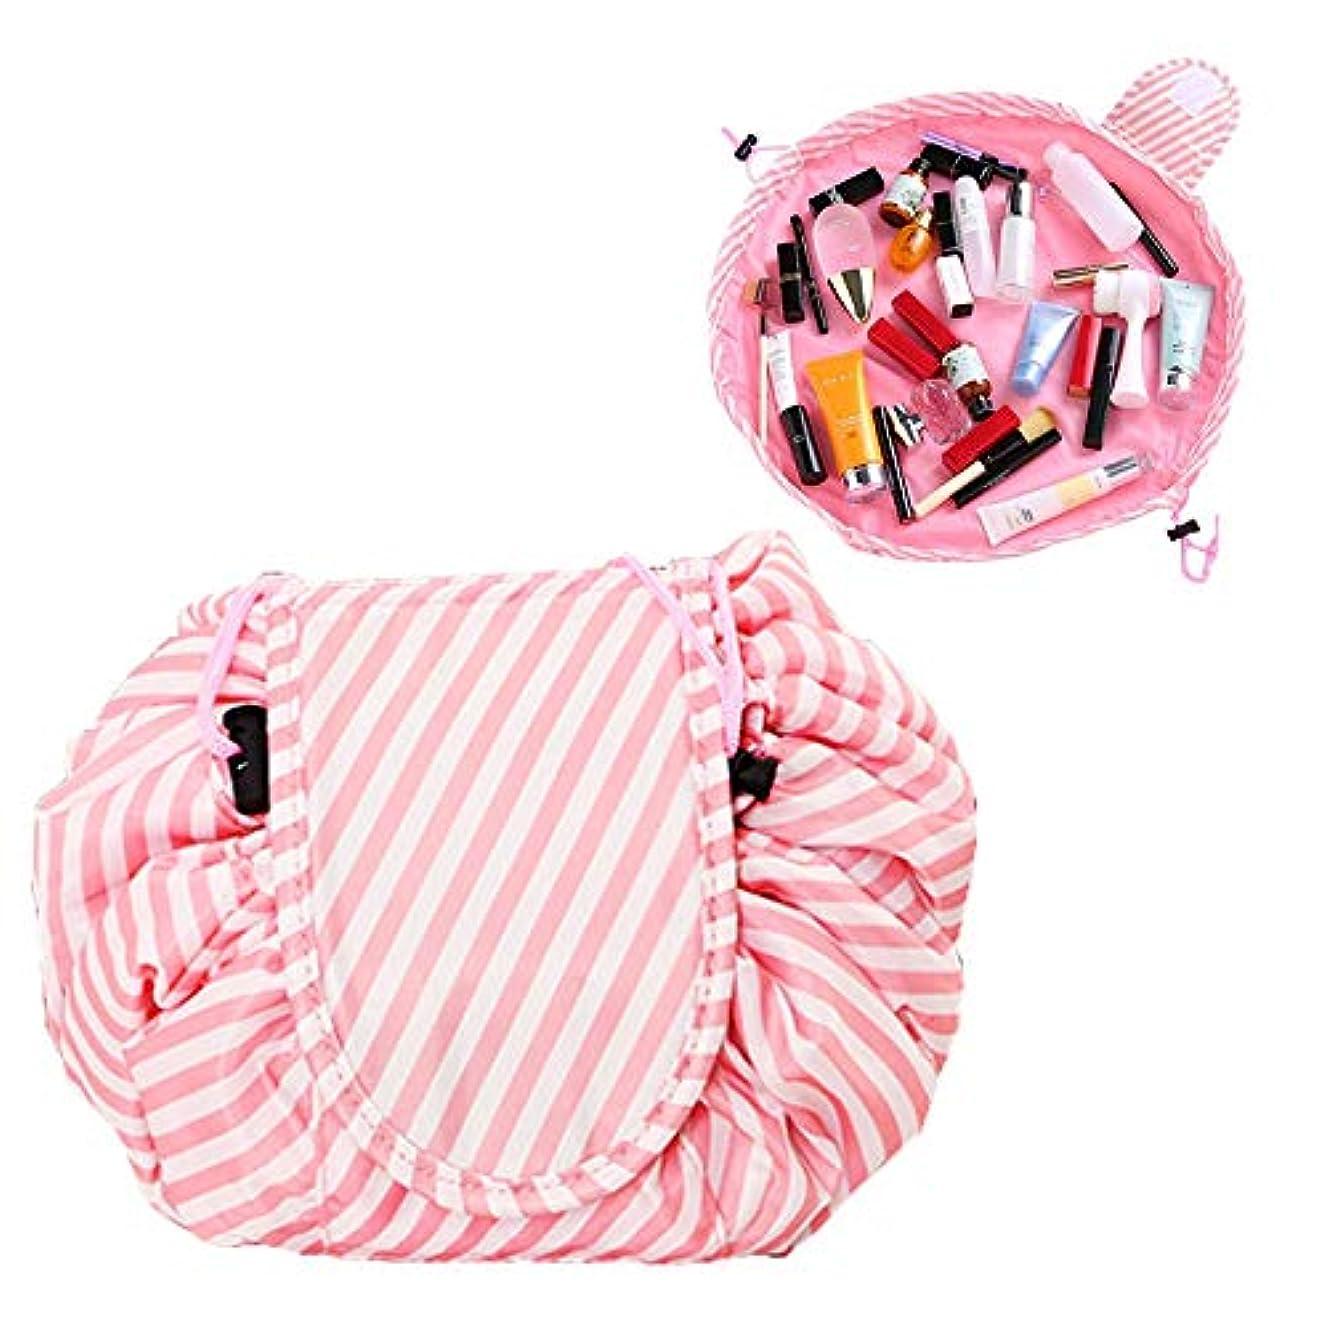 にはまってソロプロトタイプBasong 化粧ポーチ 巾着型 コスメポーチ ポーチ メイク収納 巾着バッグ レディース 小物入れ 持ち運び コンパクト